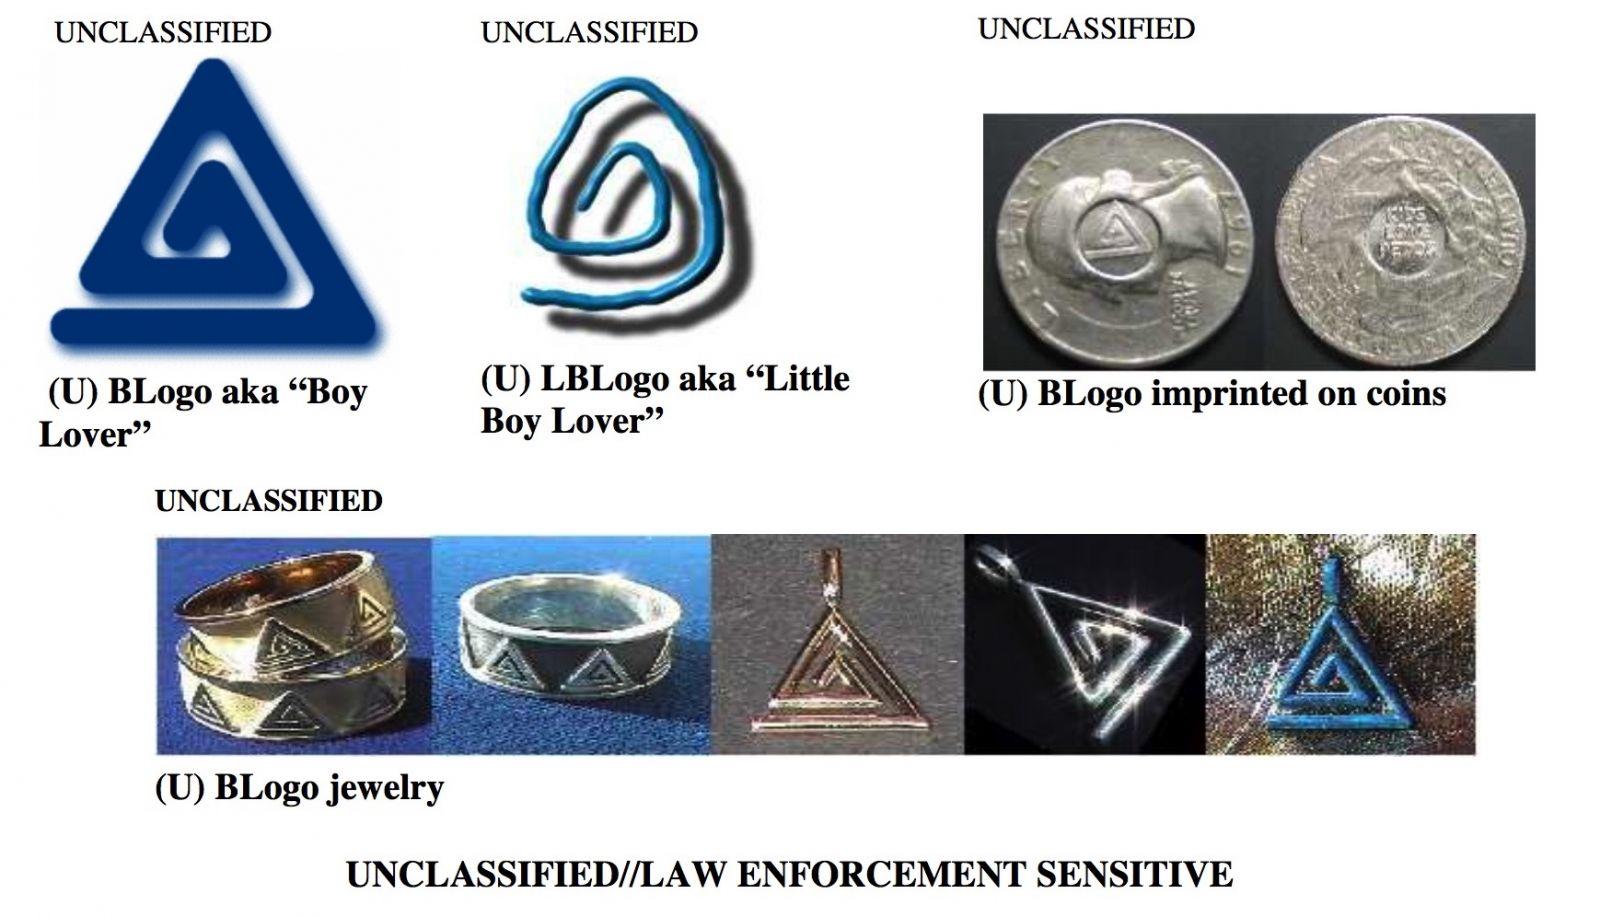 09-fbi_logos